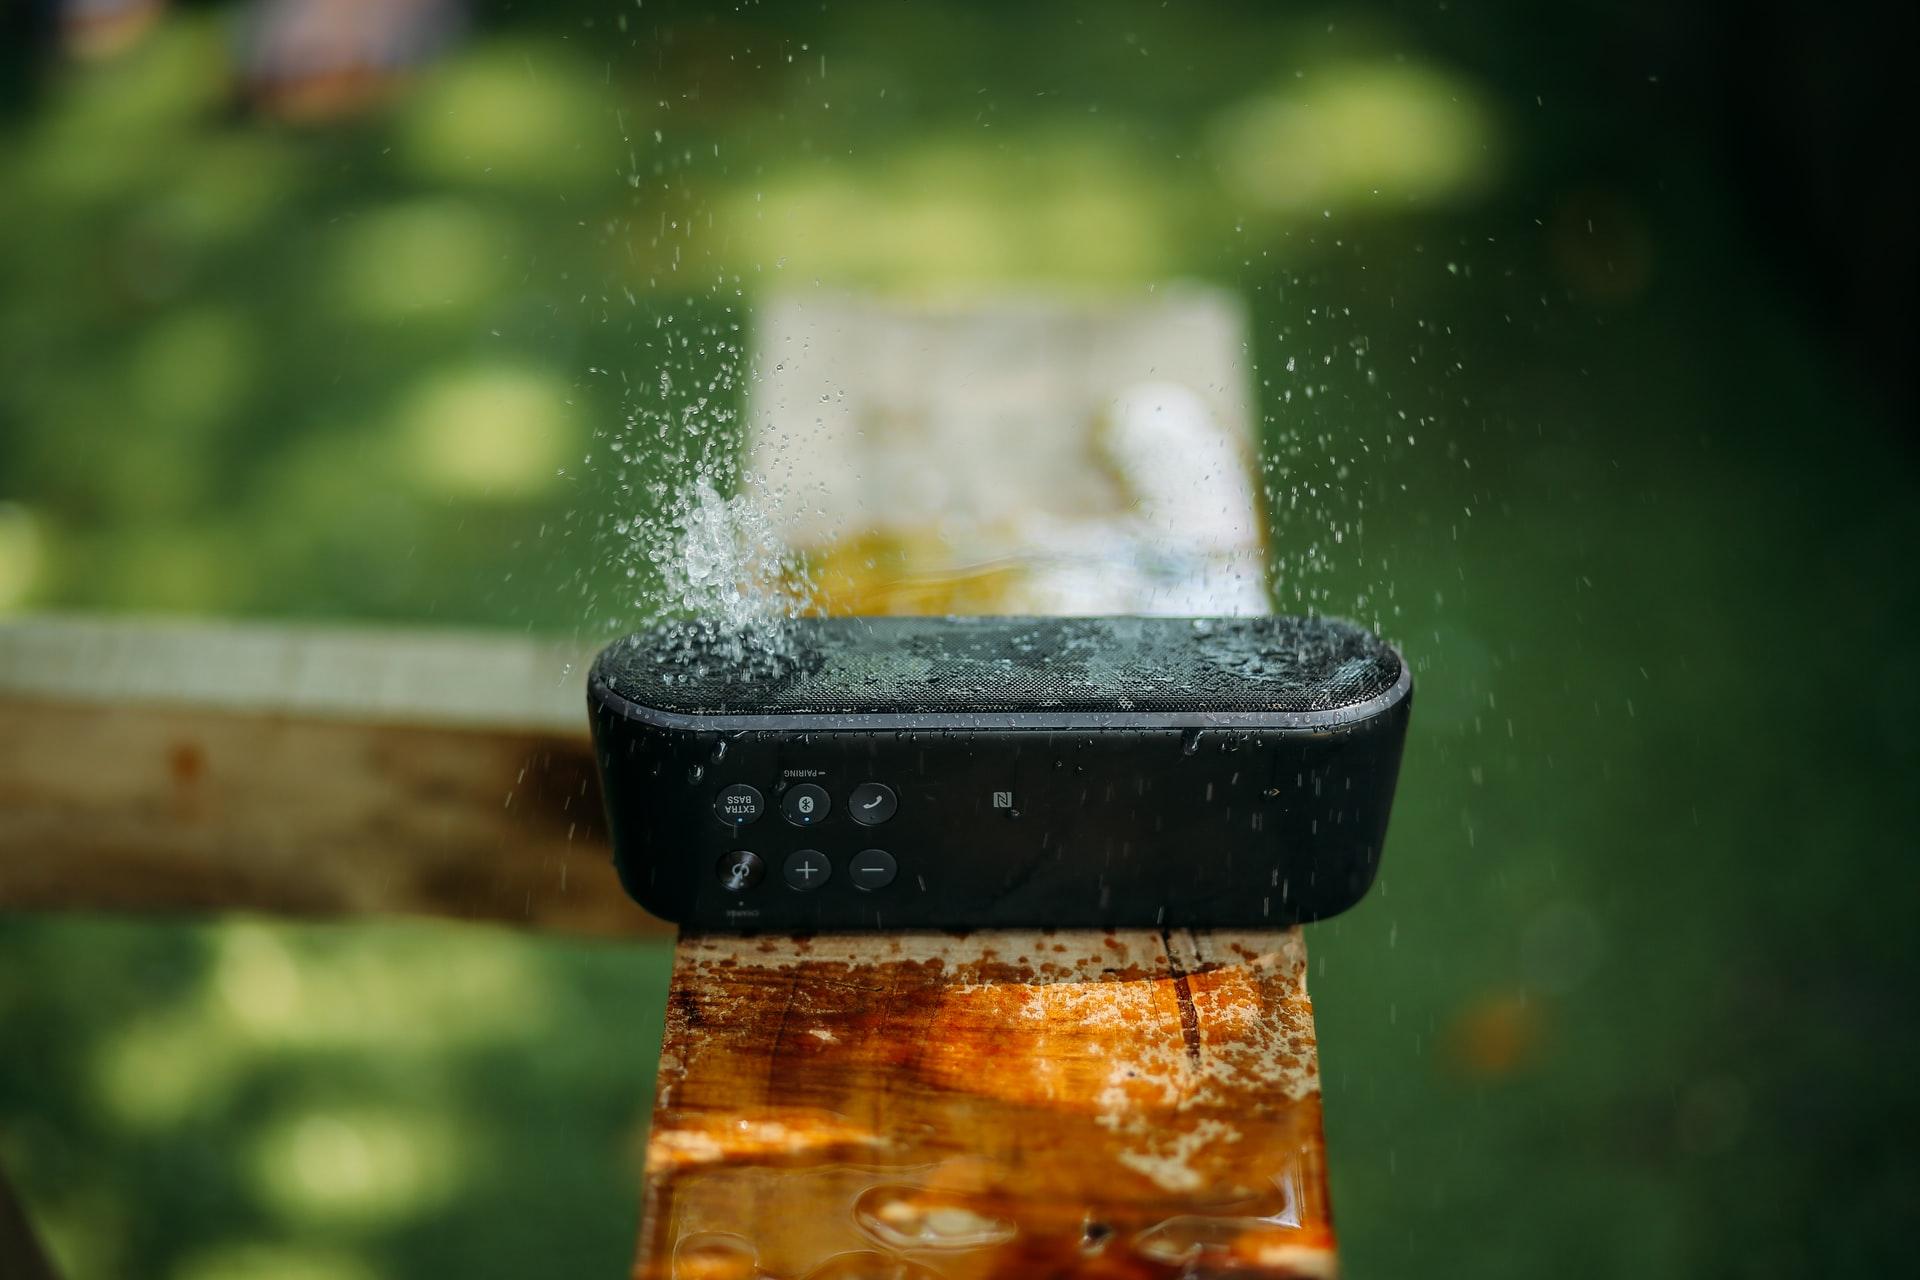 altavoces a prueba de agua